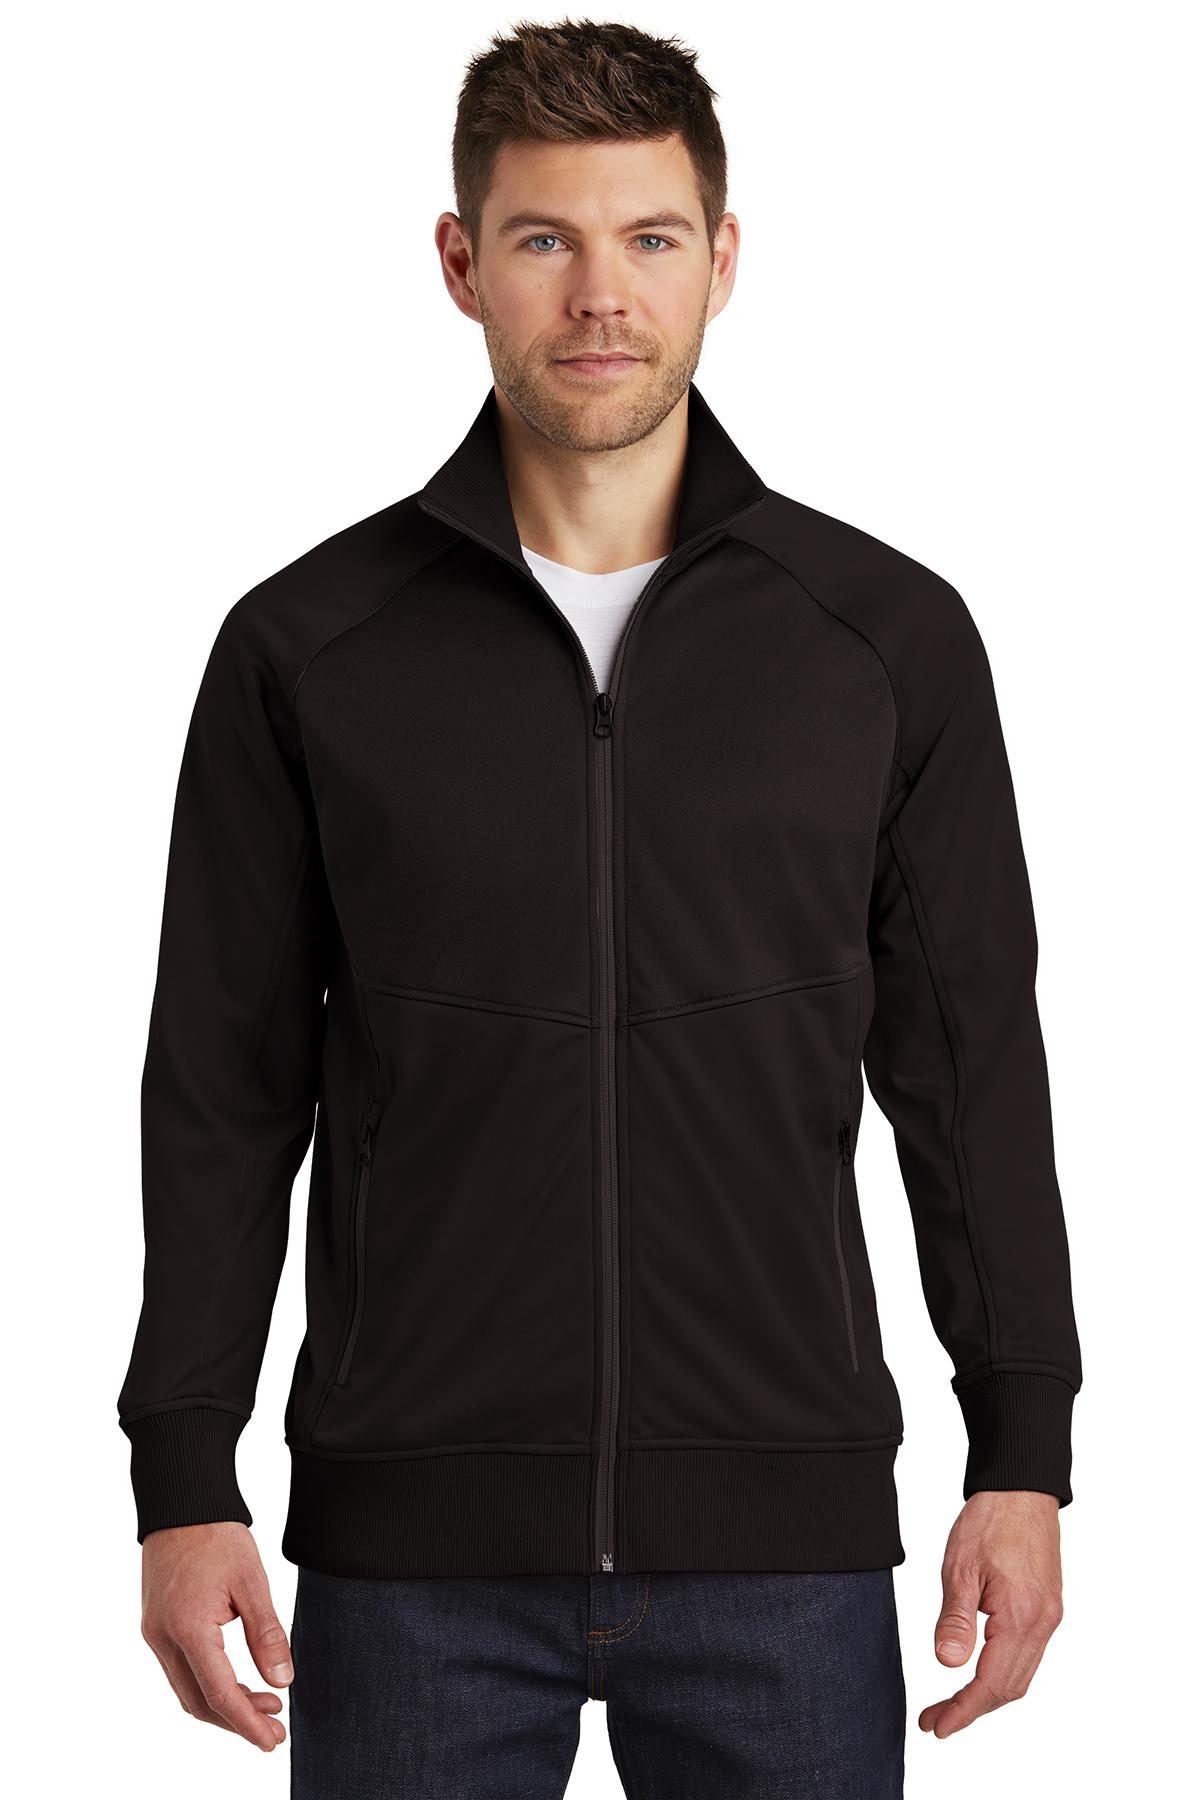 426b6d8ff The North Face ® Tech Full-Zip Fleece Jacket | Outerwear | SanMar